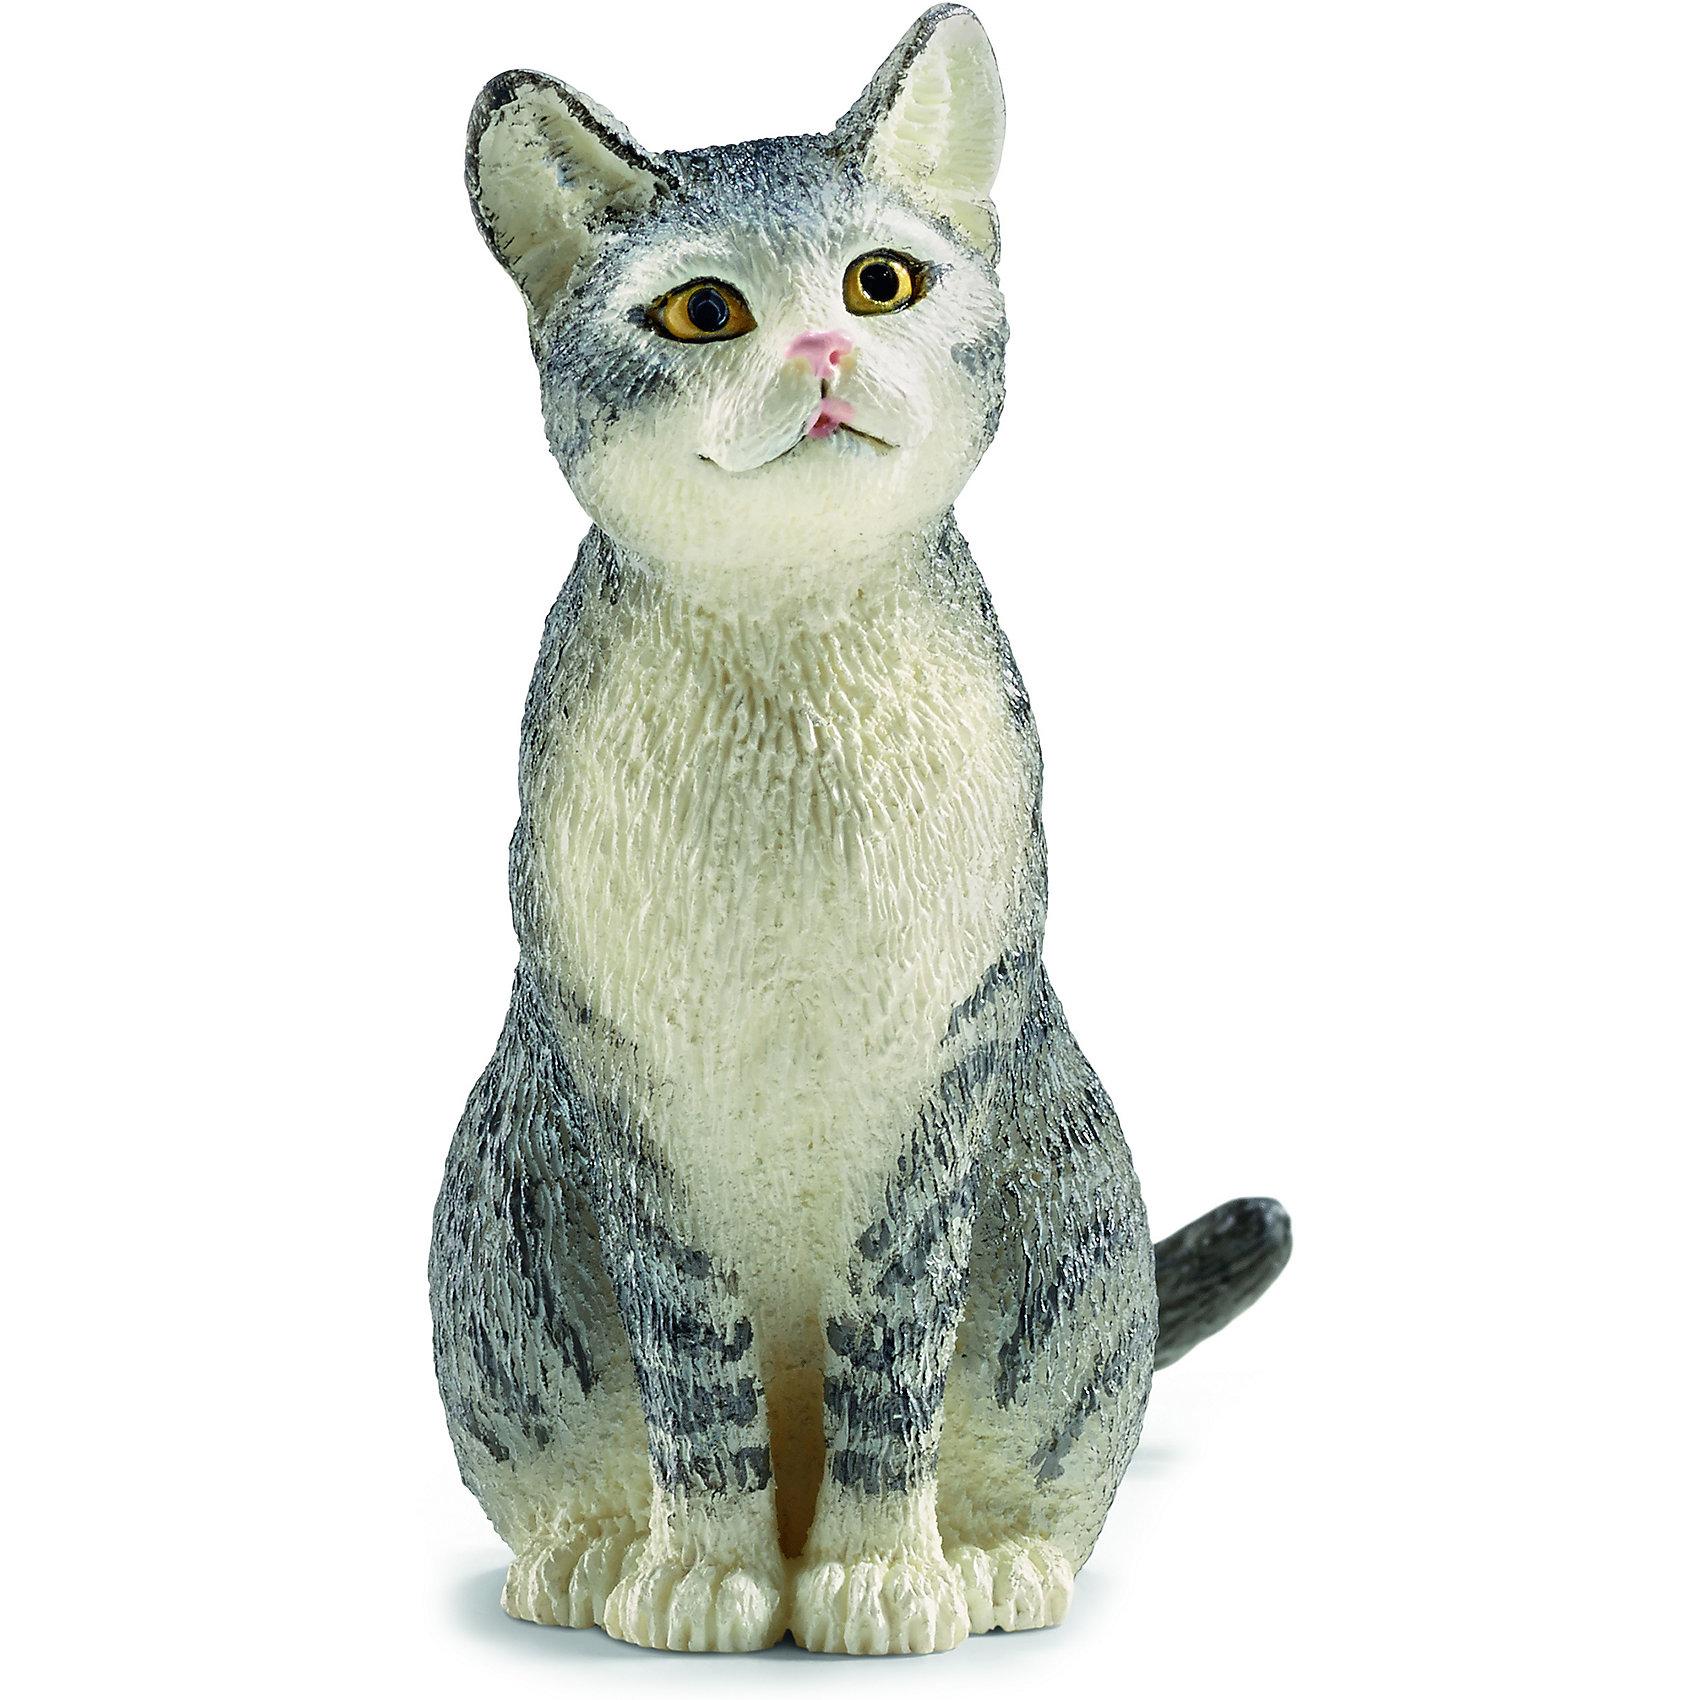 Кошка, SchleichКошка, Schleich (Шляйх) – это высококачественная коллекционная и игровая фигурка.<br>Очаровательная фигурка кошки прекрасно разнообразит игру вашего ребенка и станет отличным пополнением коллекции его фигурок домашних животных. Кошка – излюбленное и самое распространенное на земле животное, живущее в непосредственной близости к человеку. Не стоит забывать и об удивительной нежности и ласке, которую способны проявлять кошки. Ни один дом, ни одна ферма или хозяйство не обойдутся без этого животного, вносящего уют и покой в жилище человека. Игрушка выполнена в виде милой кошечки, которая сидит на задних лапках. Основной цвет игрушки – серый. Животик и лапки у кошки – белые. У нее яркие горящие глазки и приподнятая вверх мордочка. <br>Прекрасно выполненные фигурки Schleich (Шляйх) являются максимально точной копией настоящих животных и отличаются высочайшим качеством игрушек ручной работы. Каждая фигурка разработана с учетом исследований в области педагогики и производится как настоящее произведение для маленьких детских ручек. Все фигурки Schleich (Шляйх) сделаны из гипоаллергенных высокотехнологичных материалов, раскрашены вручную и не вызывают аллергии у ребенка.<br><br>Дополнительная информация:<br><br>- Размер фигурки: 4,5 x 2,5 x 3,8 см.<br>- Материал: высококачественный каучуковый пластик<br><br>Фигурку Кошки, Schleich (Шляйх) можно купить в нашем интернет-магазине.<br><br>Ширина мм: 57<br>Глубина мм: 43<br>Высота мм: 22<br>Вес г: 14<br>Возраст от месяцев: 36<br>Возраст до месяцев: 96<br>Пол: Унисекс<br>Возраст: Детский<br>SKU: 3902496